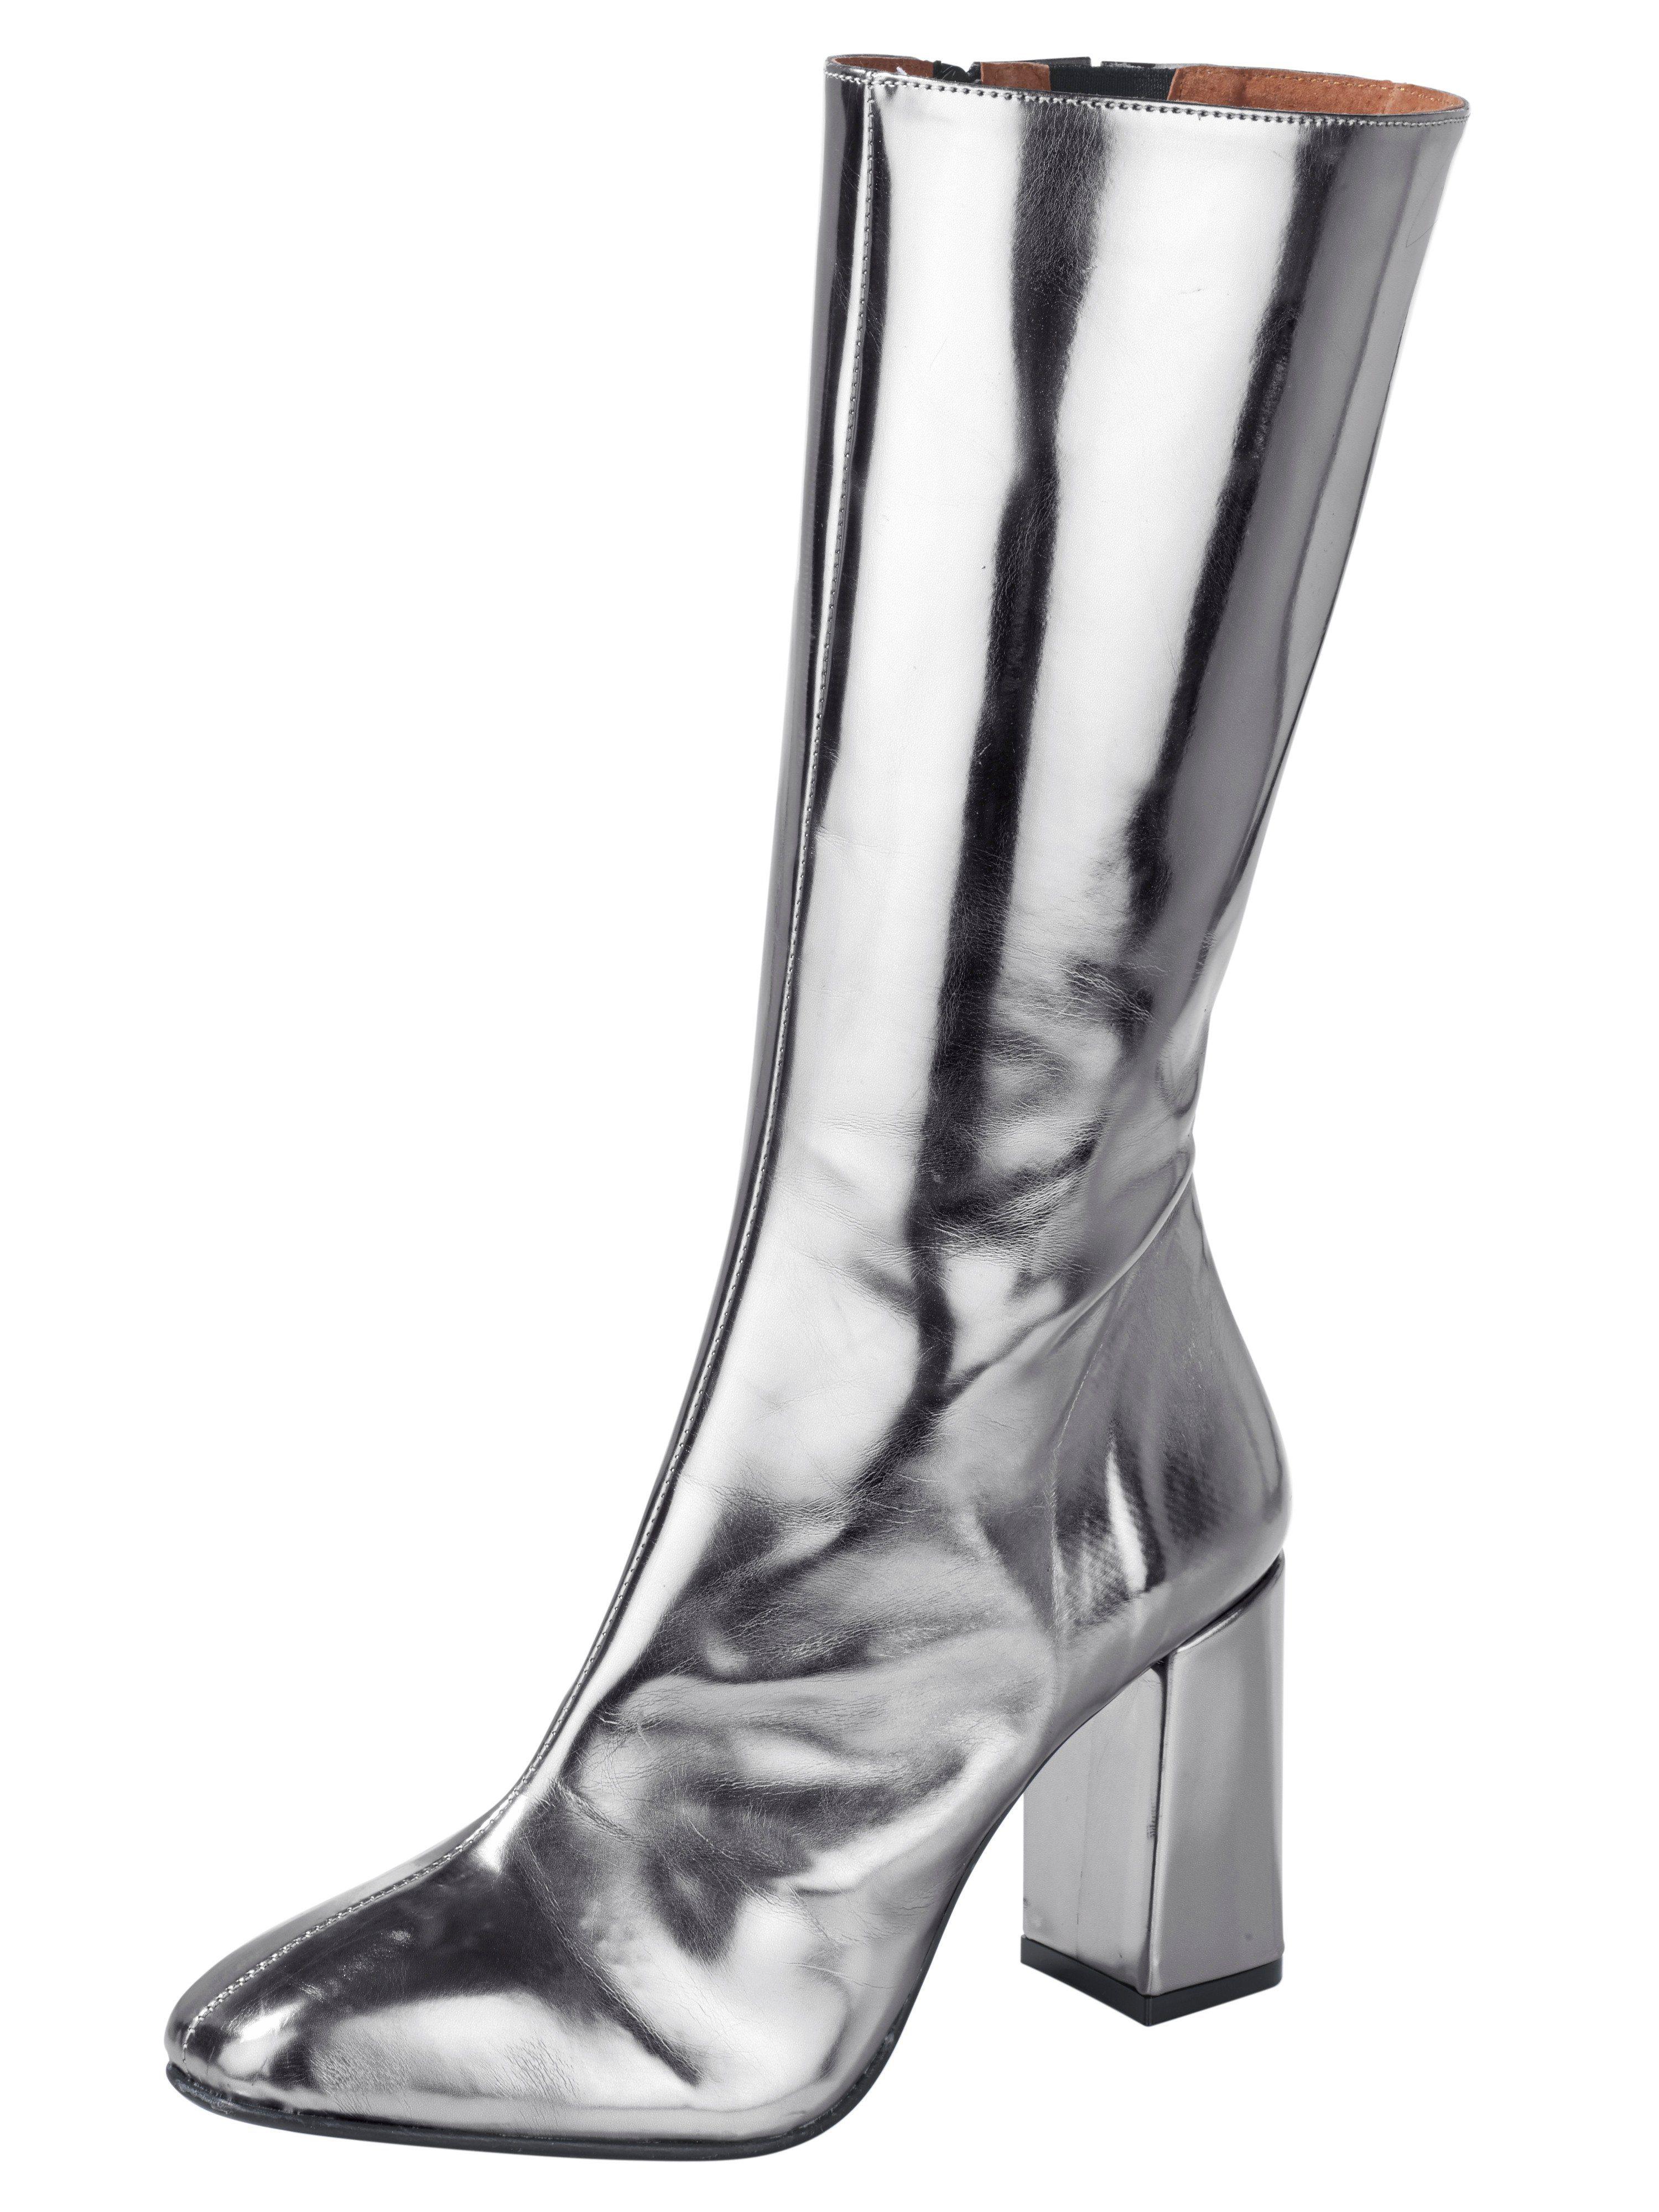 Heine Stiefel im Metallic-Look online kaufen  silberfarben